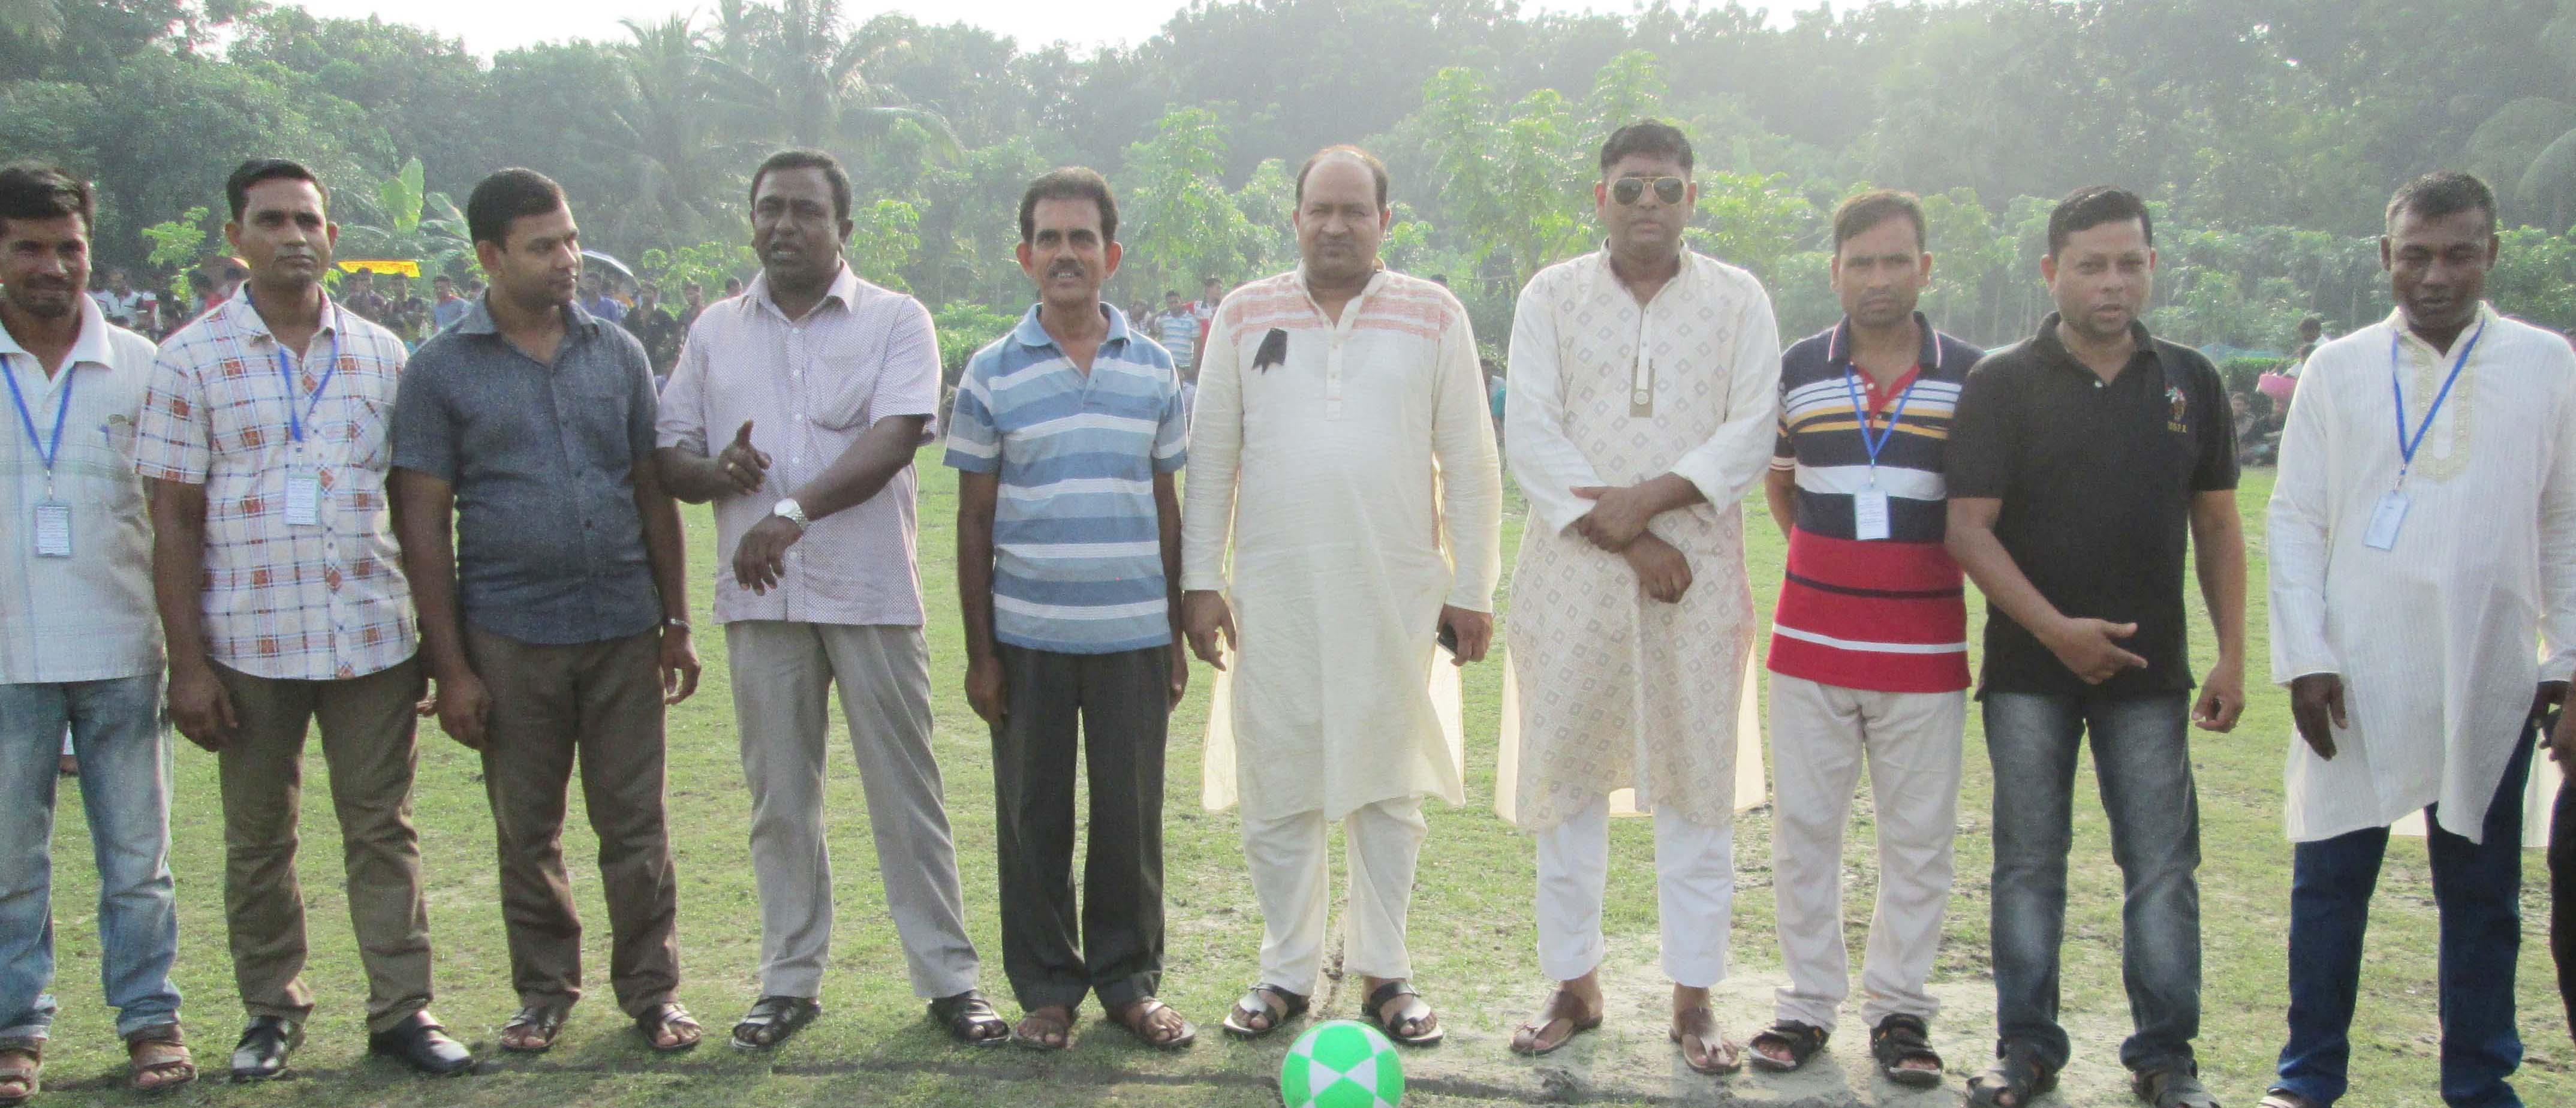 শ্রীরামপুরে শহীদ সুবেদার আবুল কাশেম স্মৃতি ৮দলীয় নক আউট ফুটবল টুর্নামেন্টের উদ্বোধন